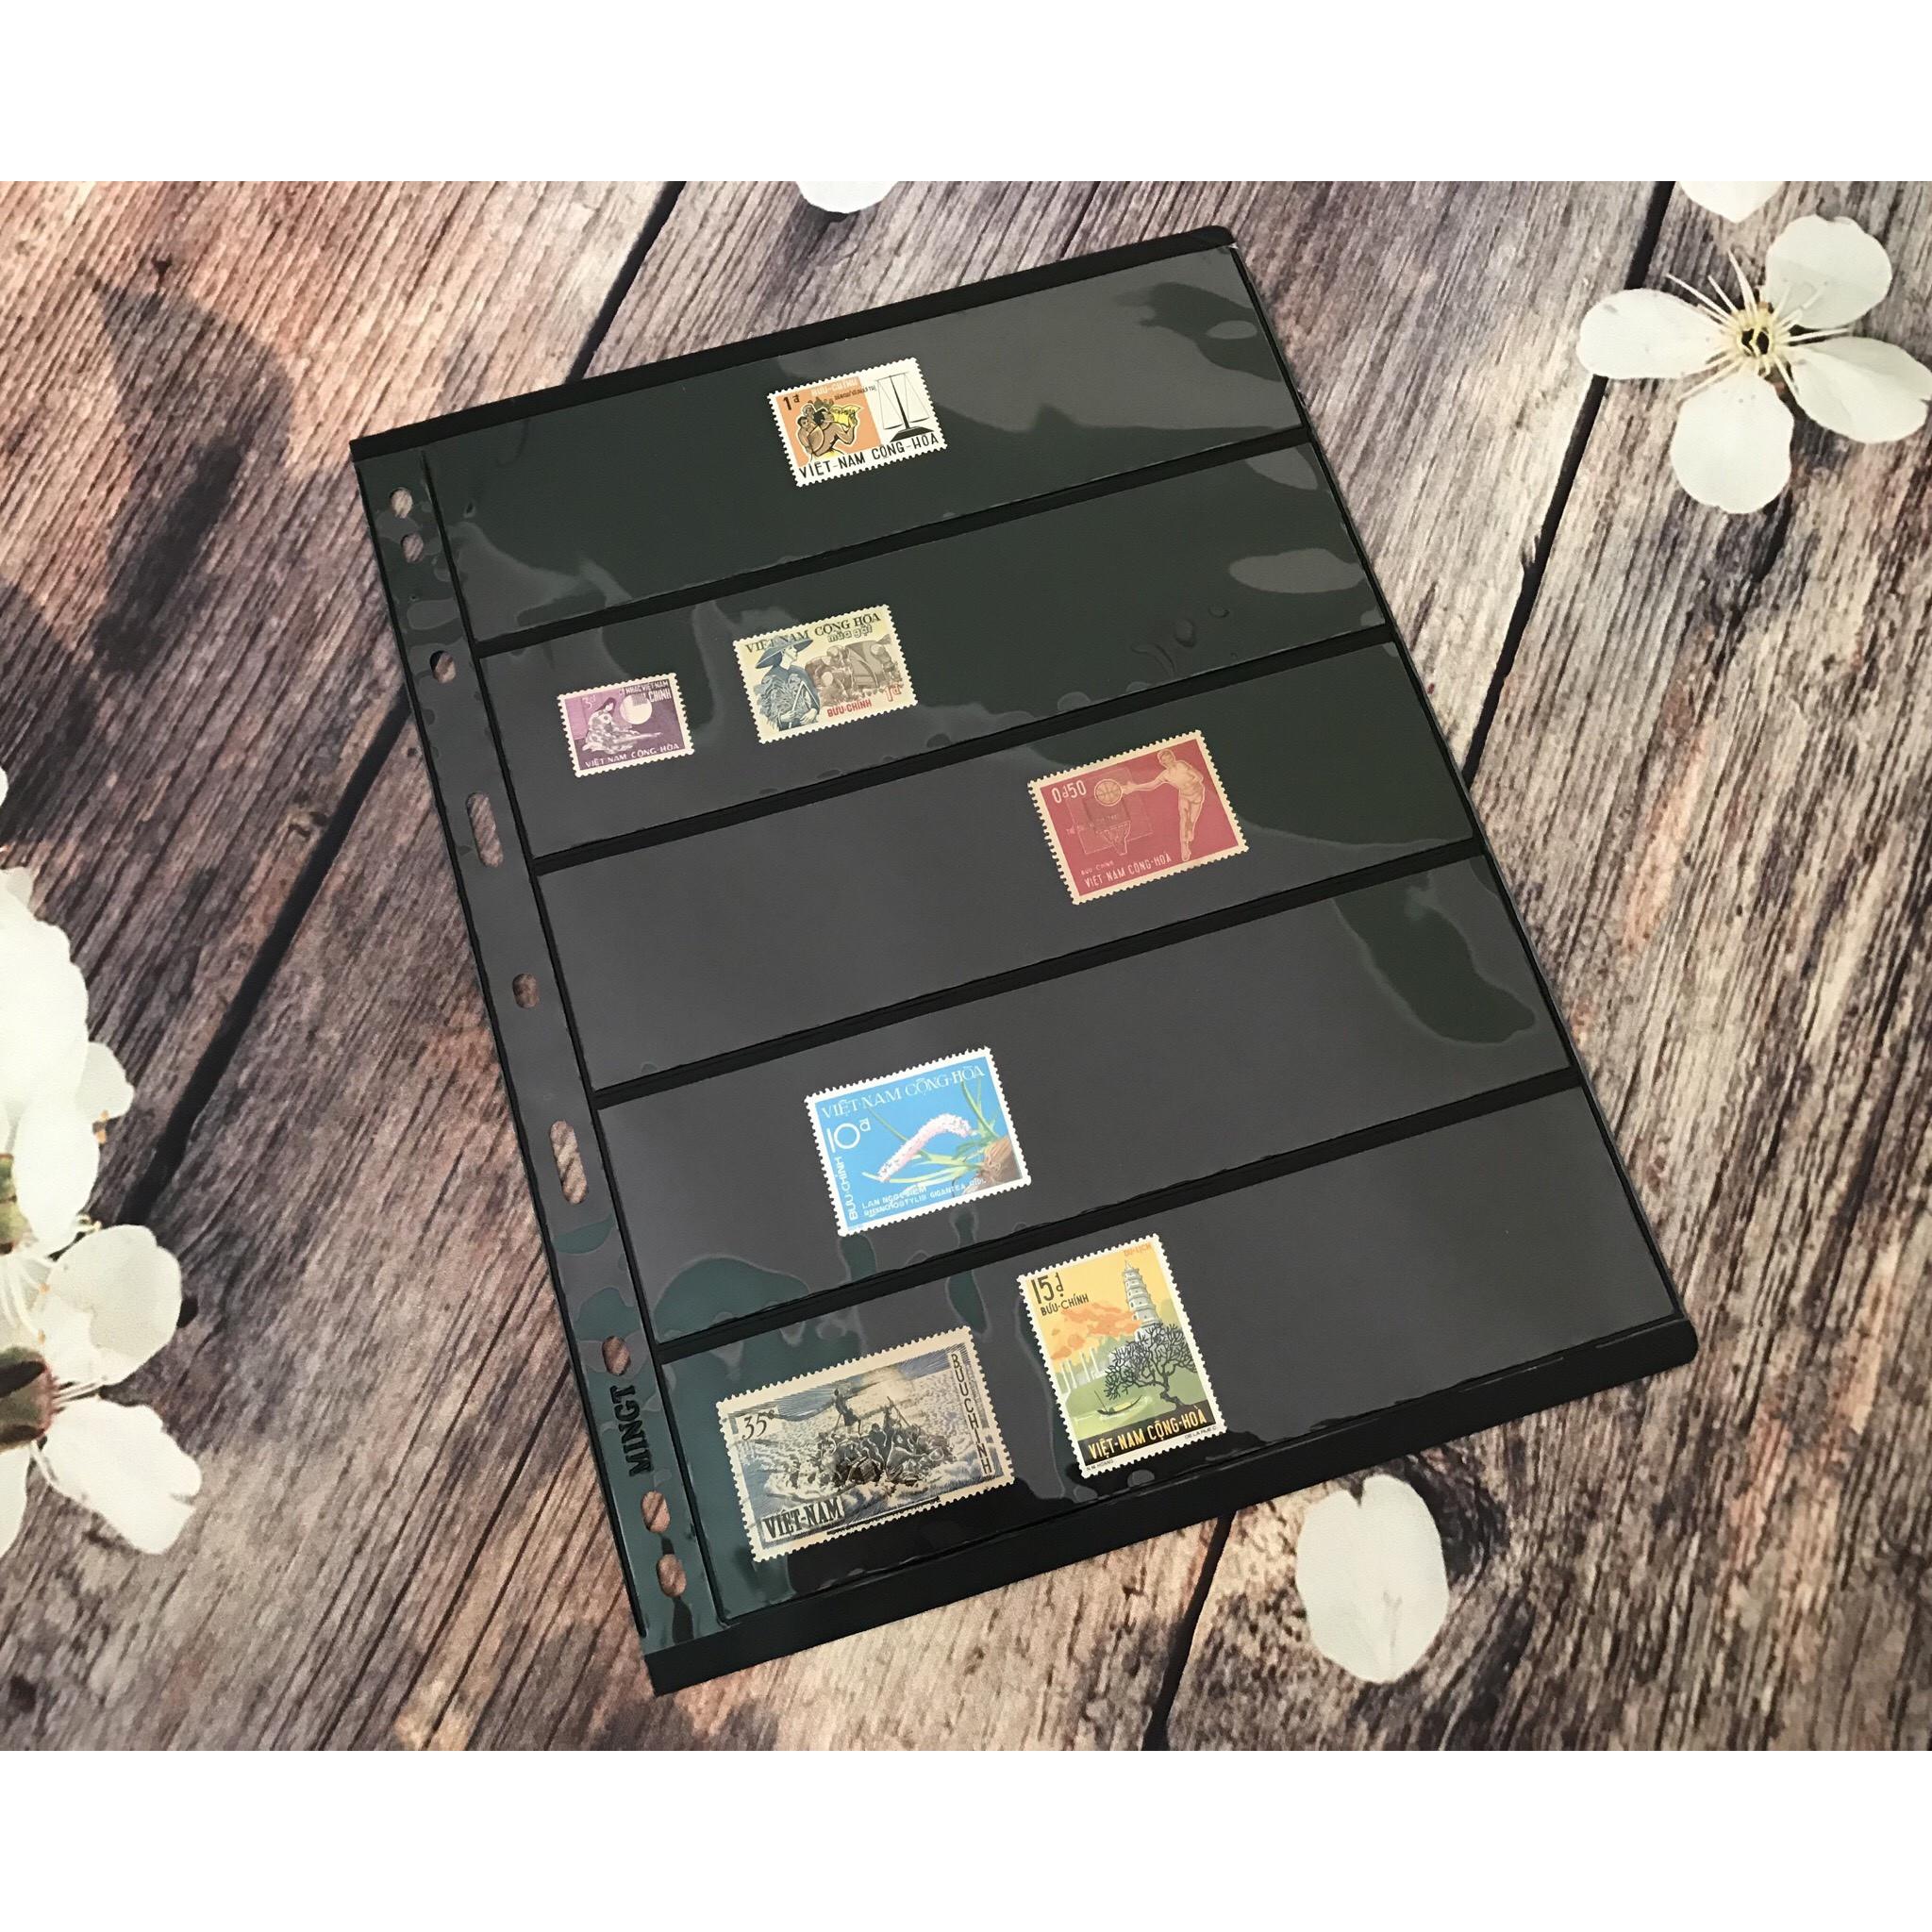 Phơi tem nền đen 5 ngăn bảo quản tem sưu tầm dành cho nhà sưu tập